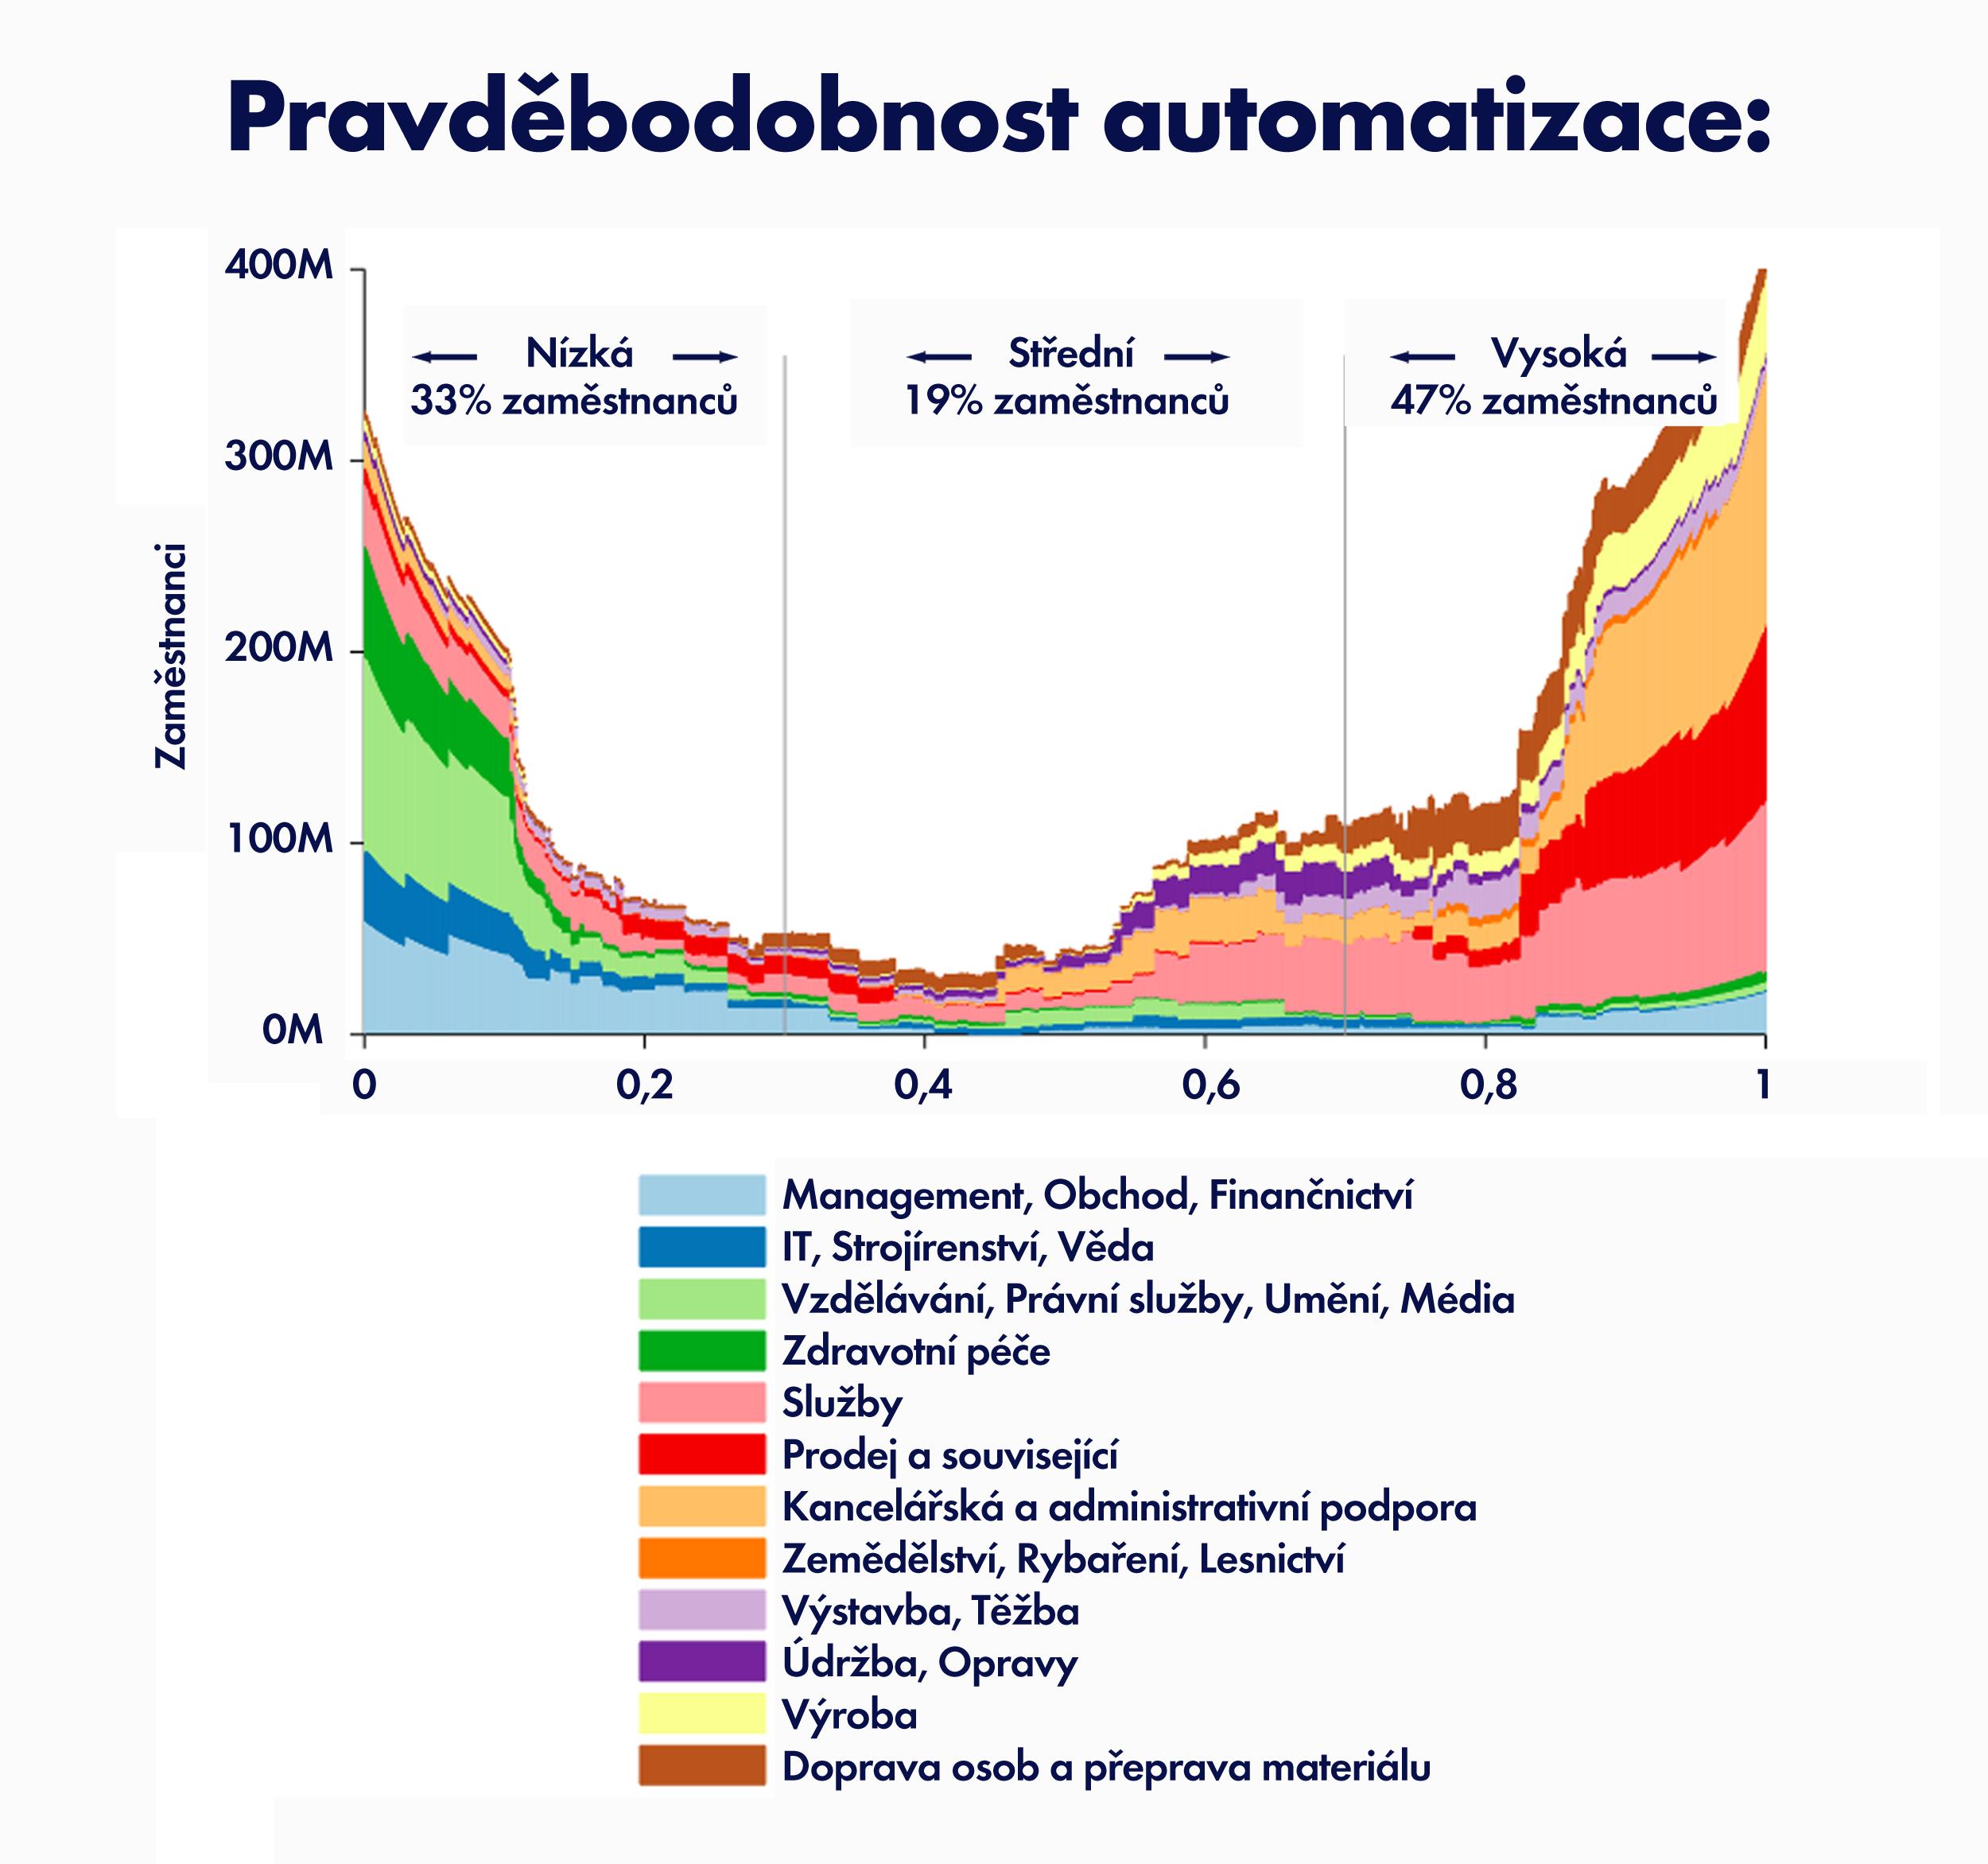 Jobs_praavdepodobnost_automatizace